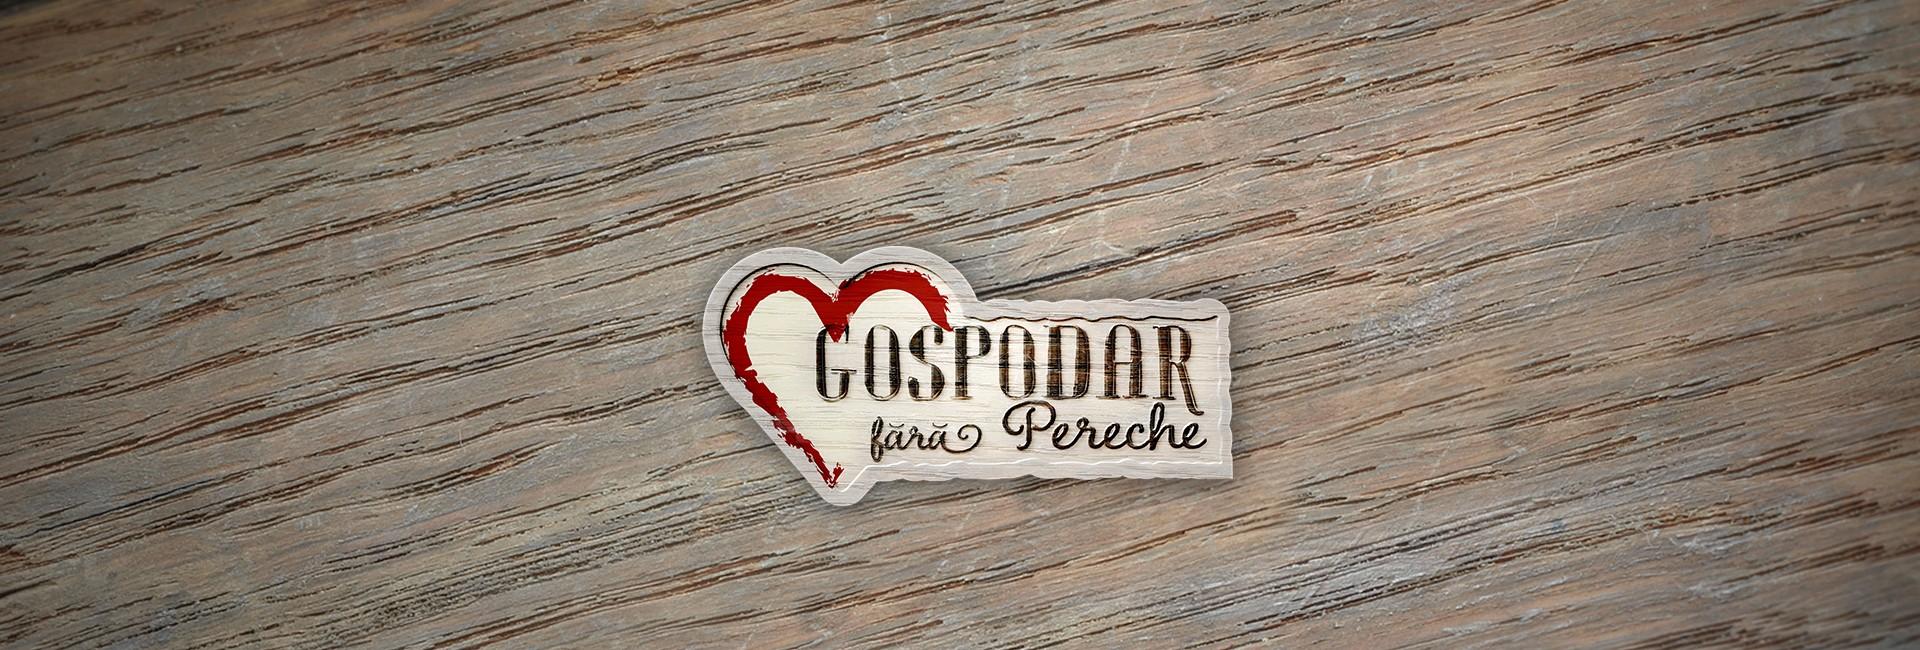 Gospodar fara Pereche